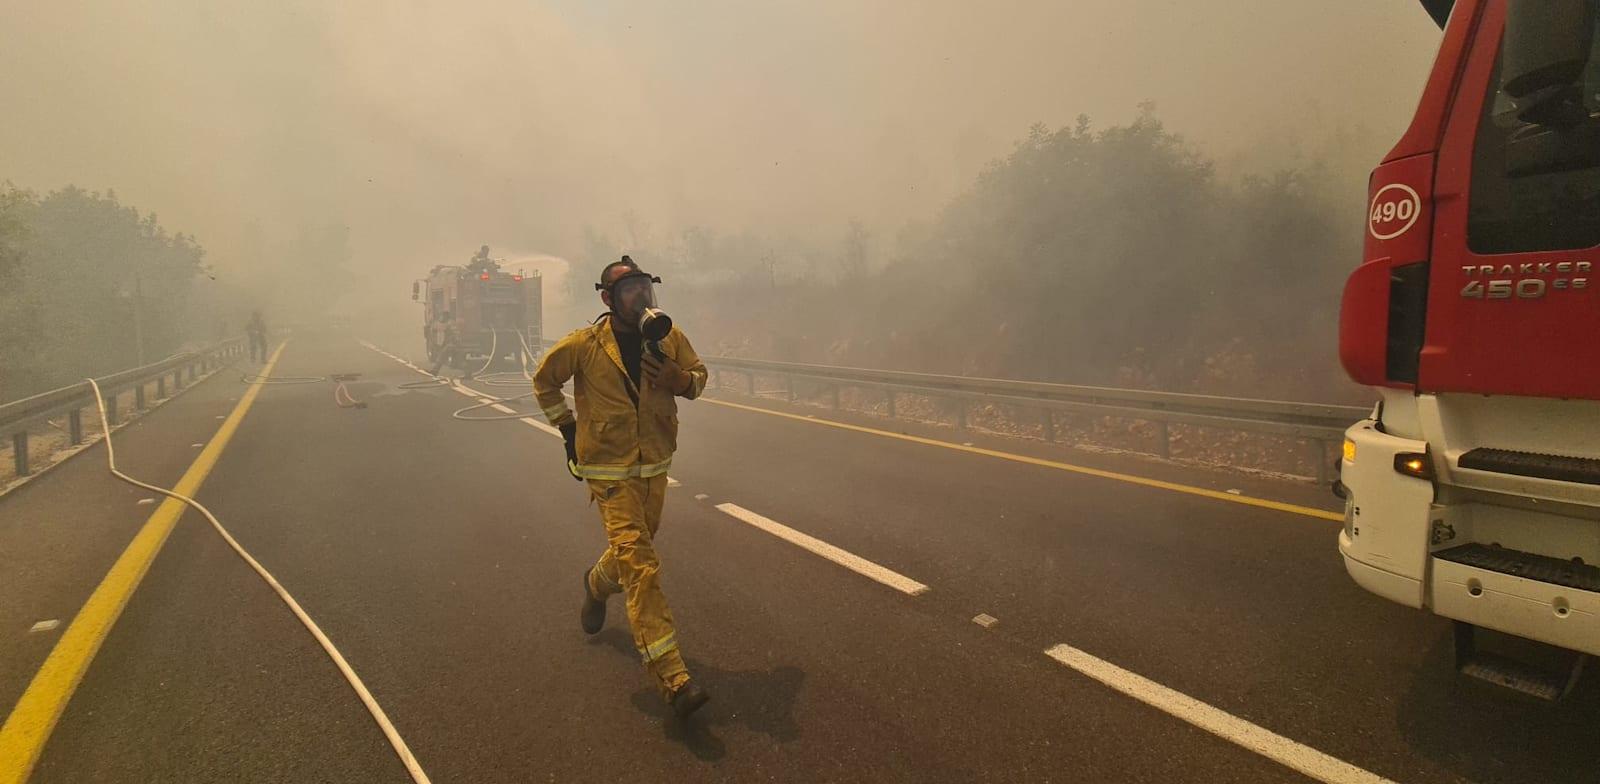 כוחות כבאות נלחמים בשריפה בהרי ירושלים / צילום: כבאות והצלה לישראל